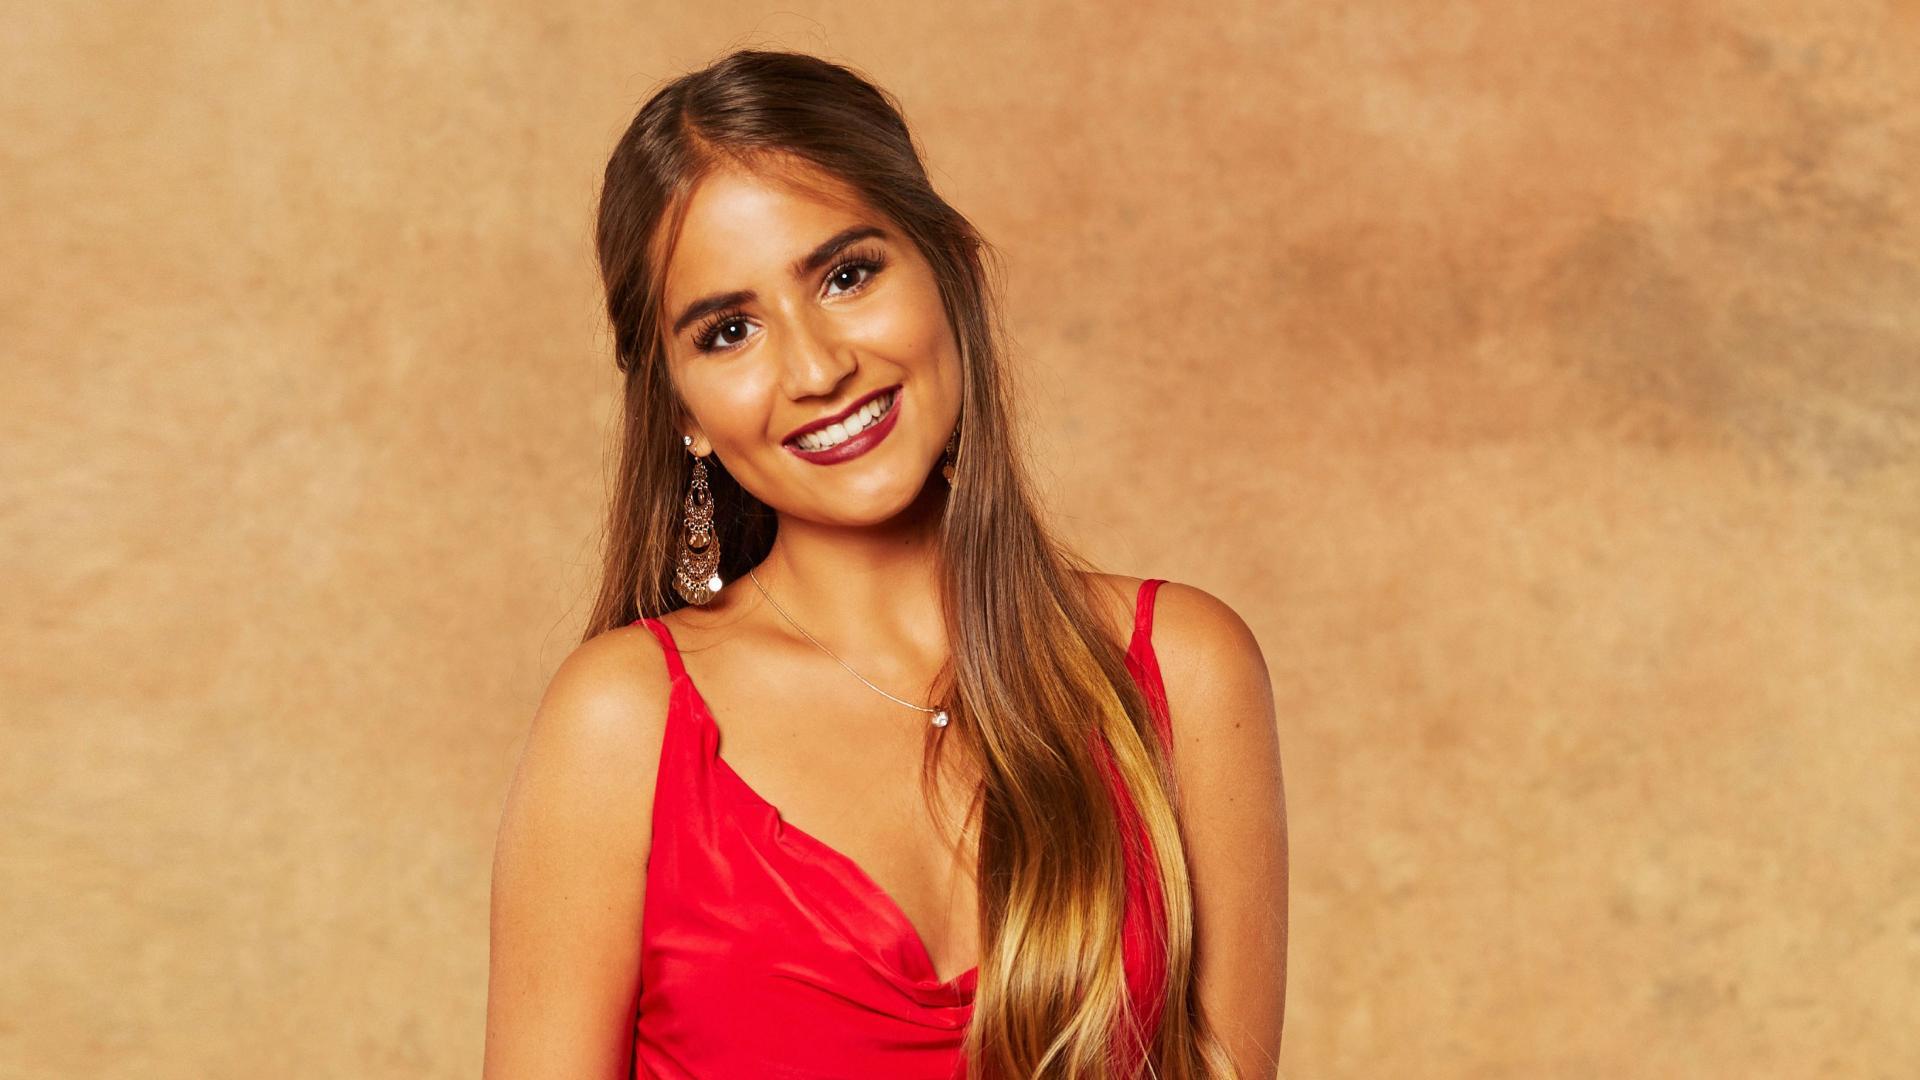 Nina Kandidatin Bachelor